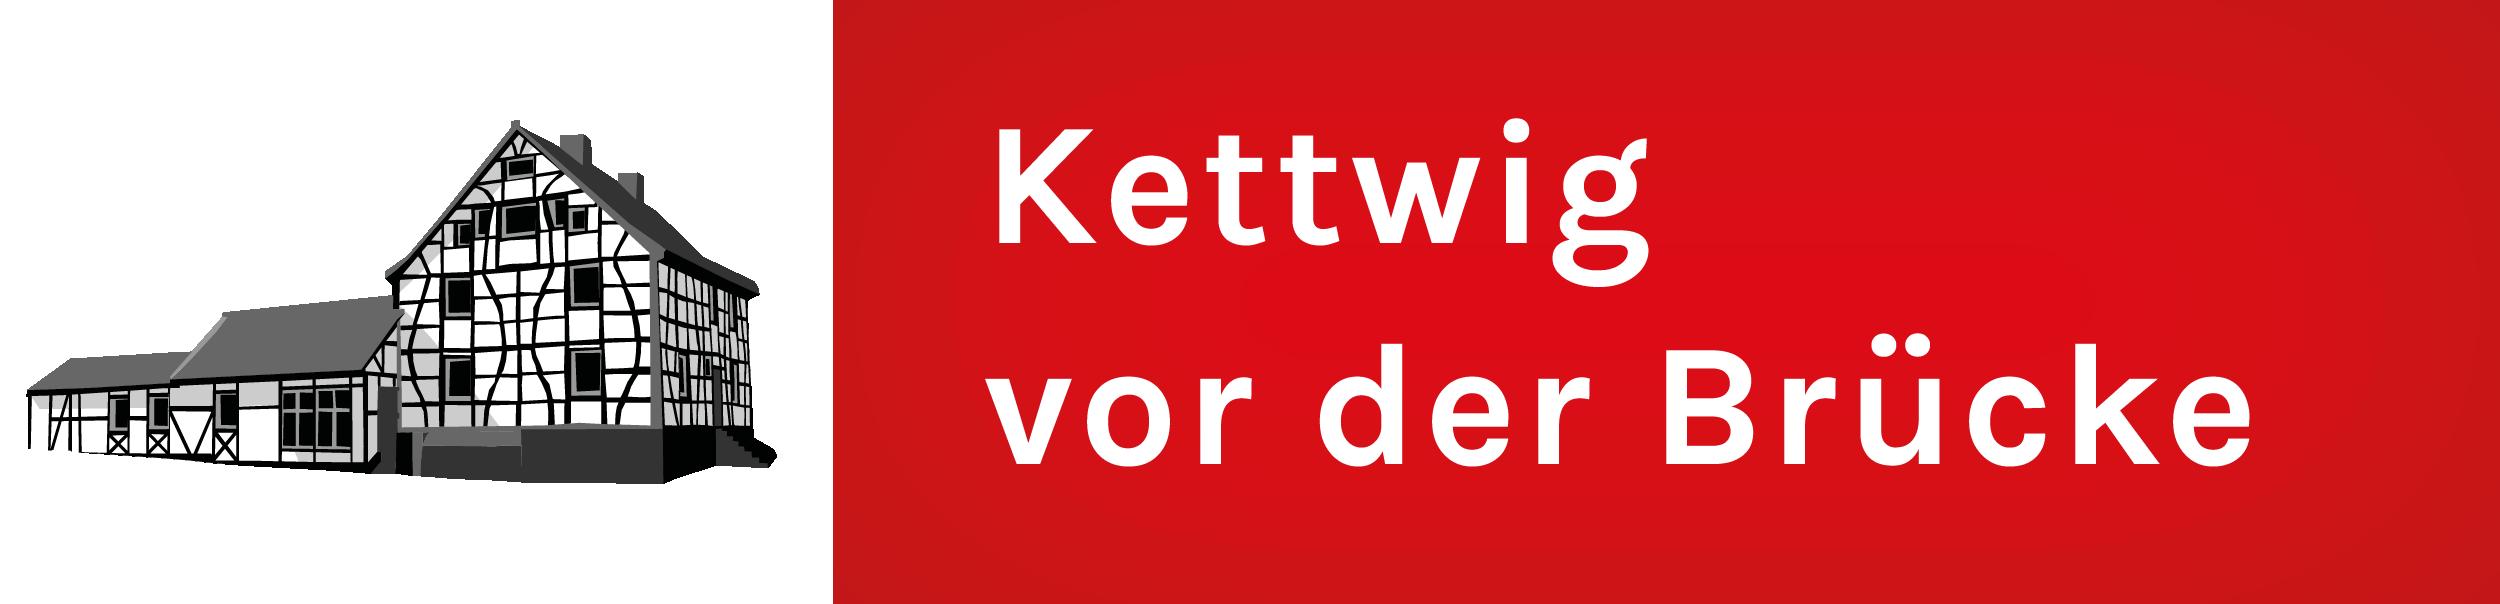 Banner für Kettwig vor der Brücke